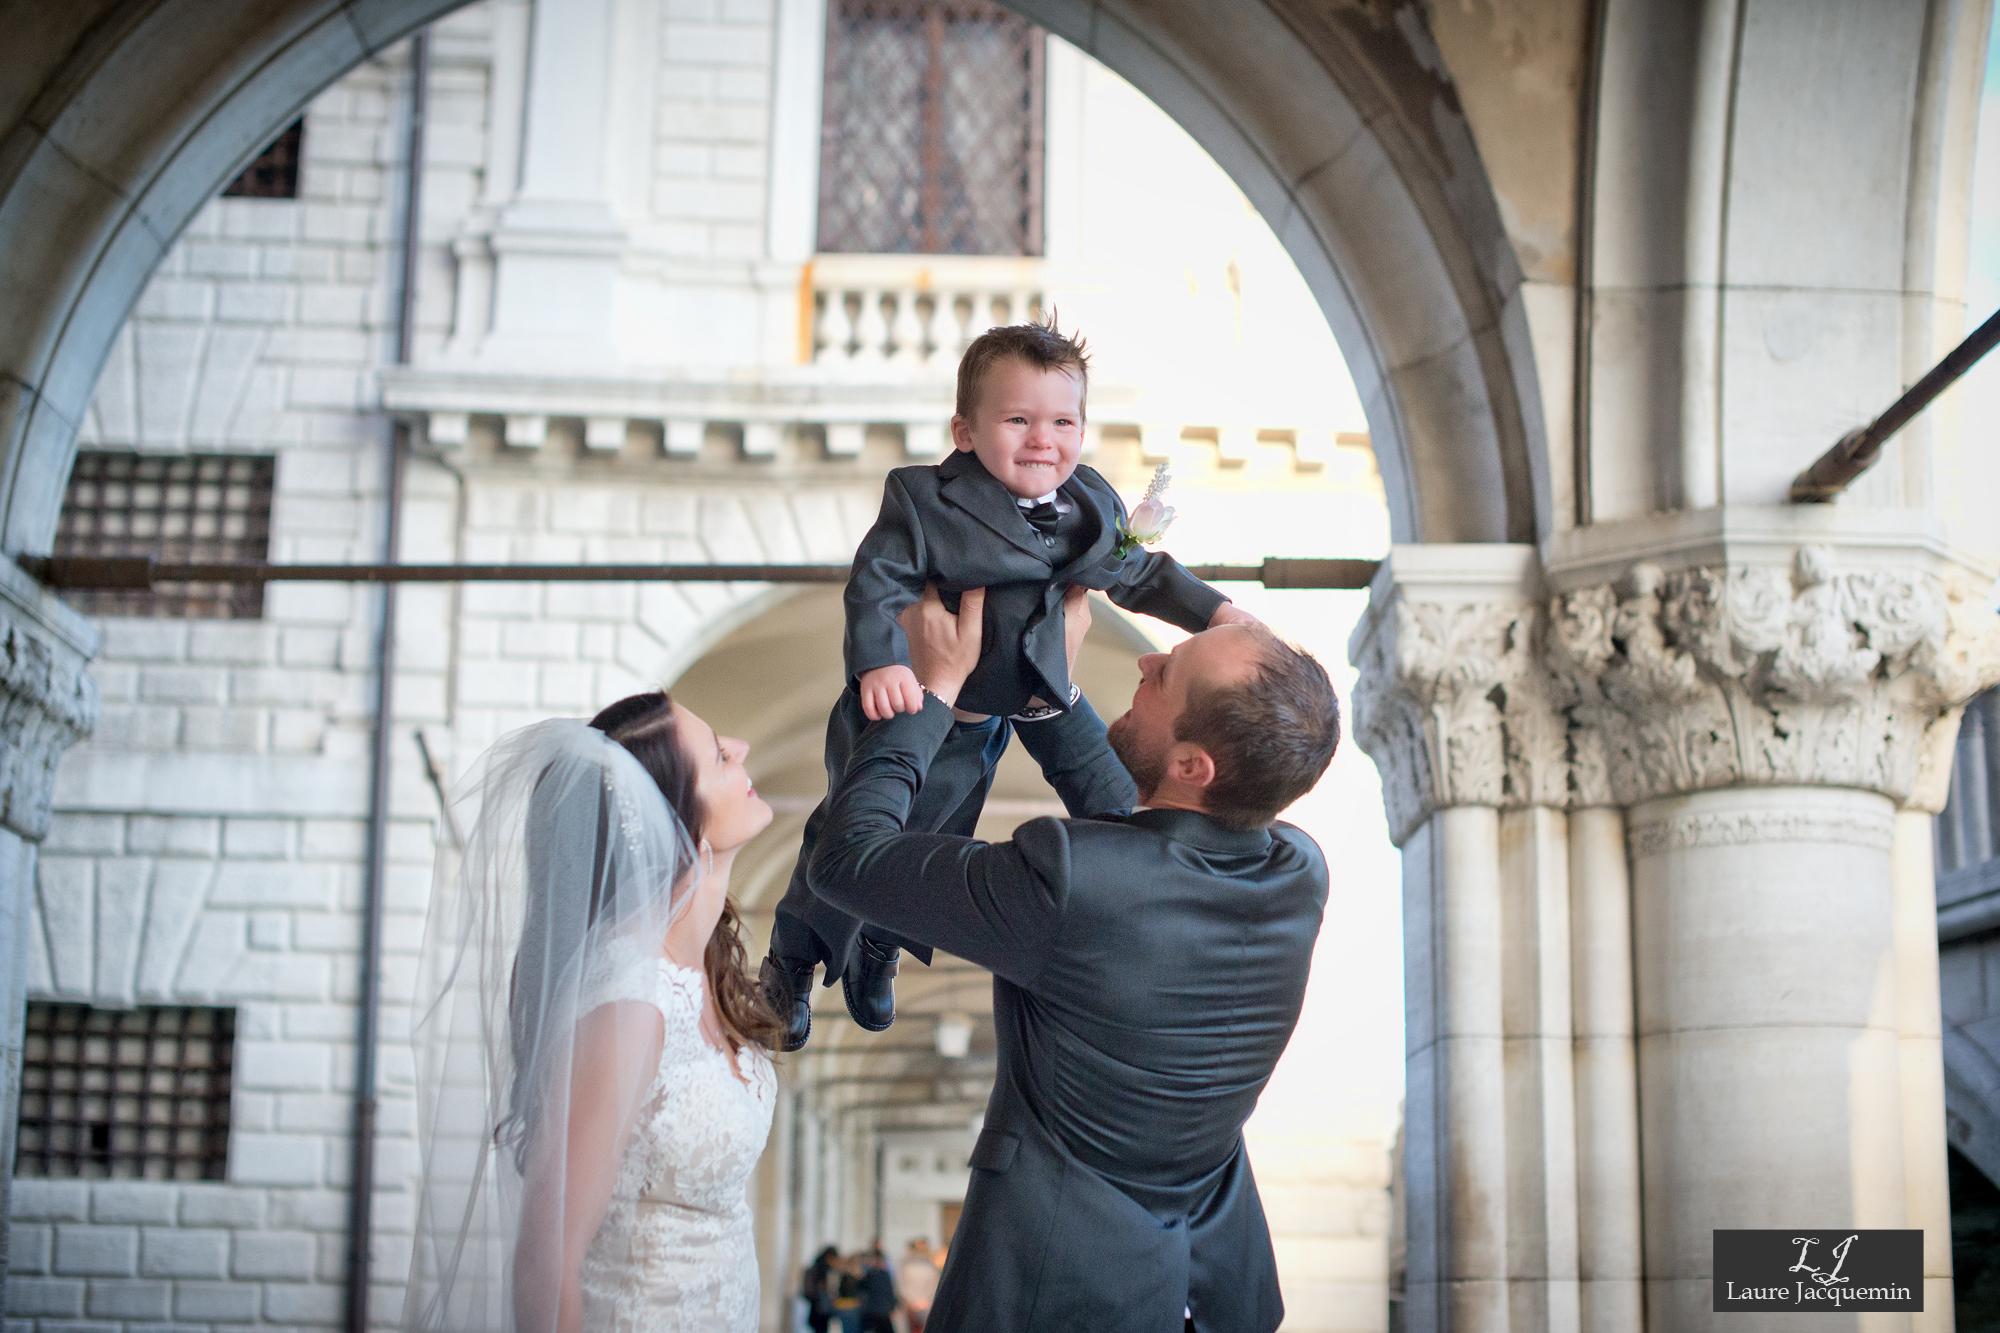 photographe mariage laure jacquemin palazzo cavalli service photographique (95)